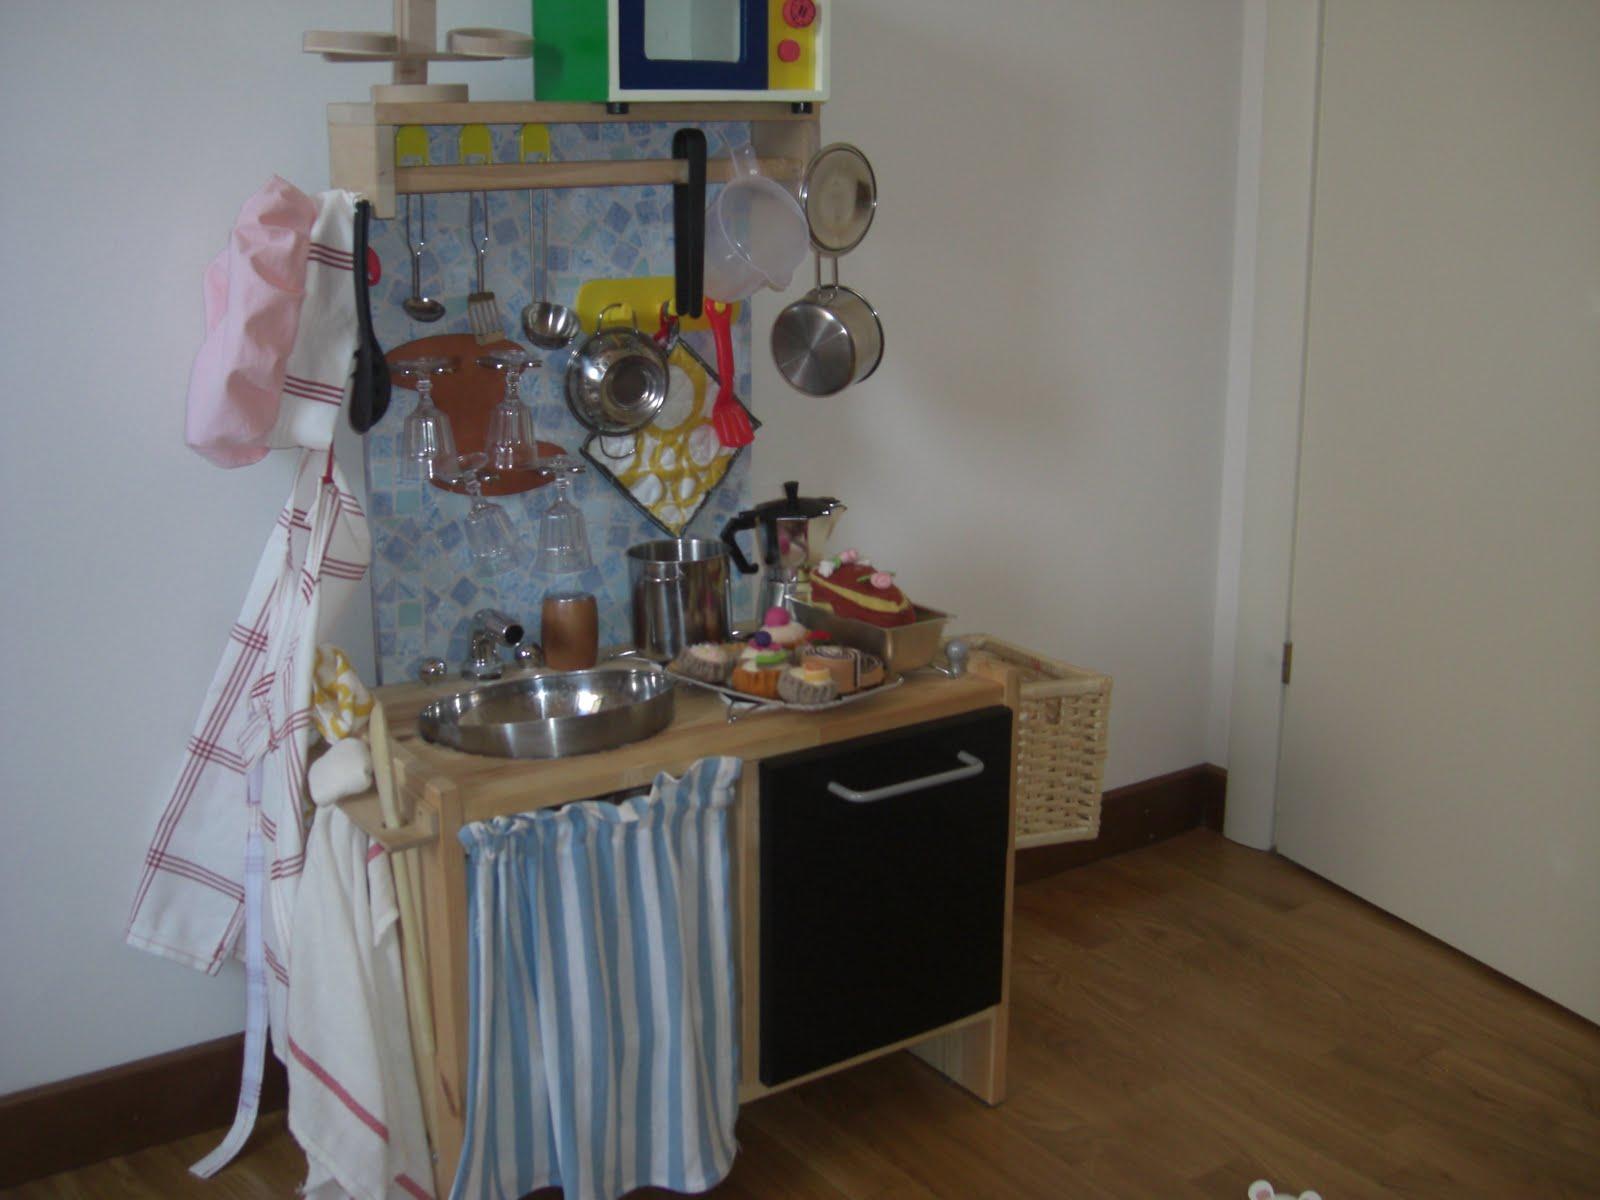 Jen_Crea - creazioni di tutto e un pò: Come realizzare una cucina ...